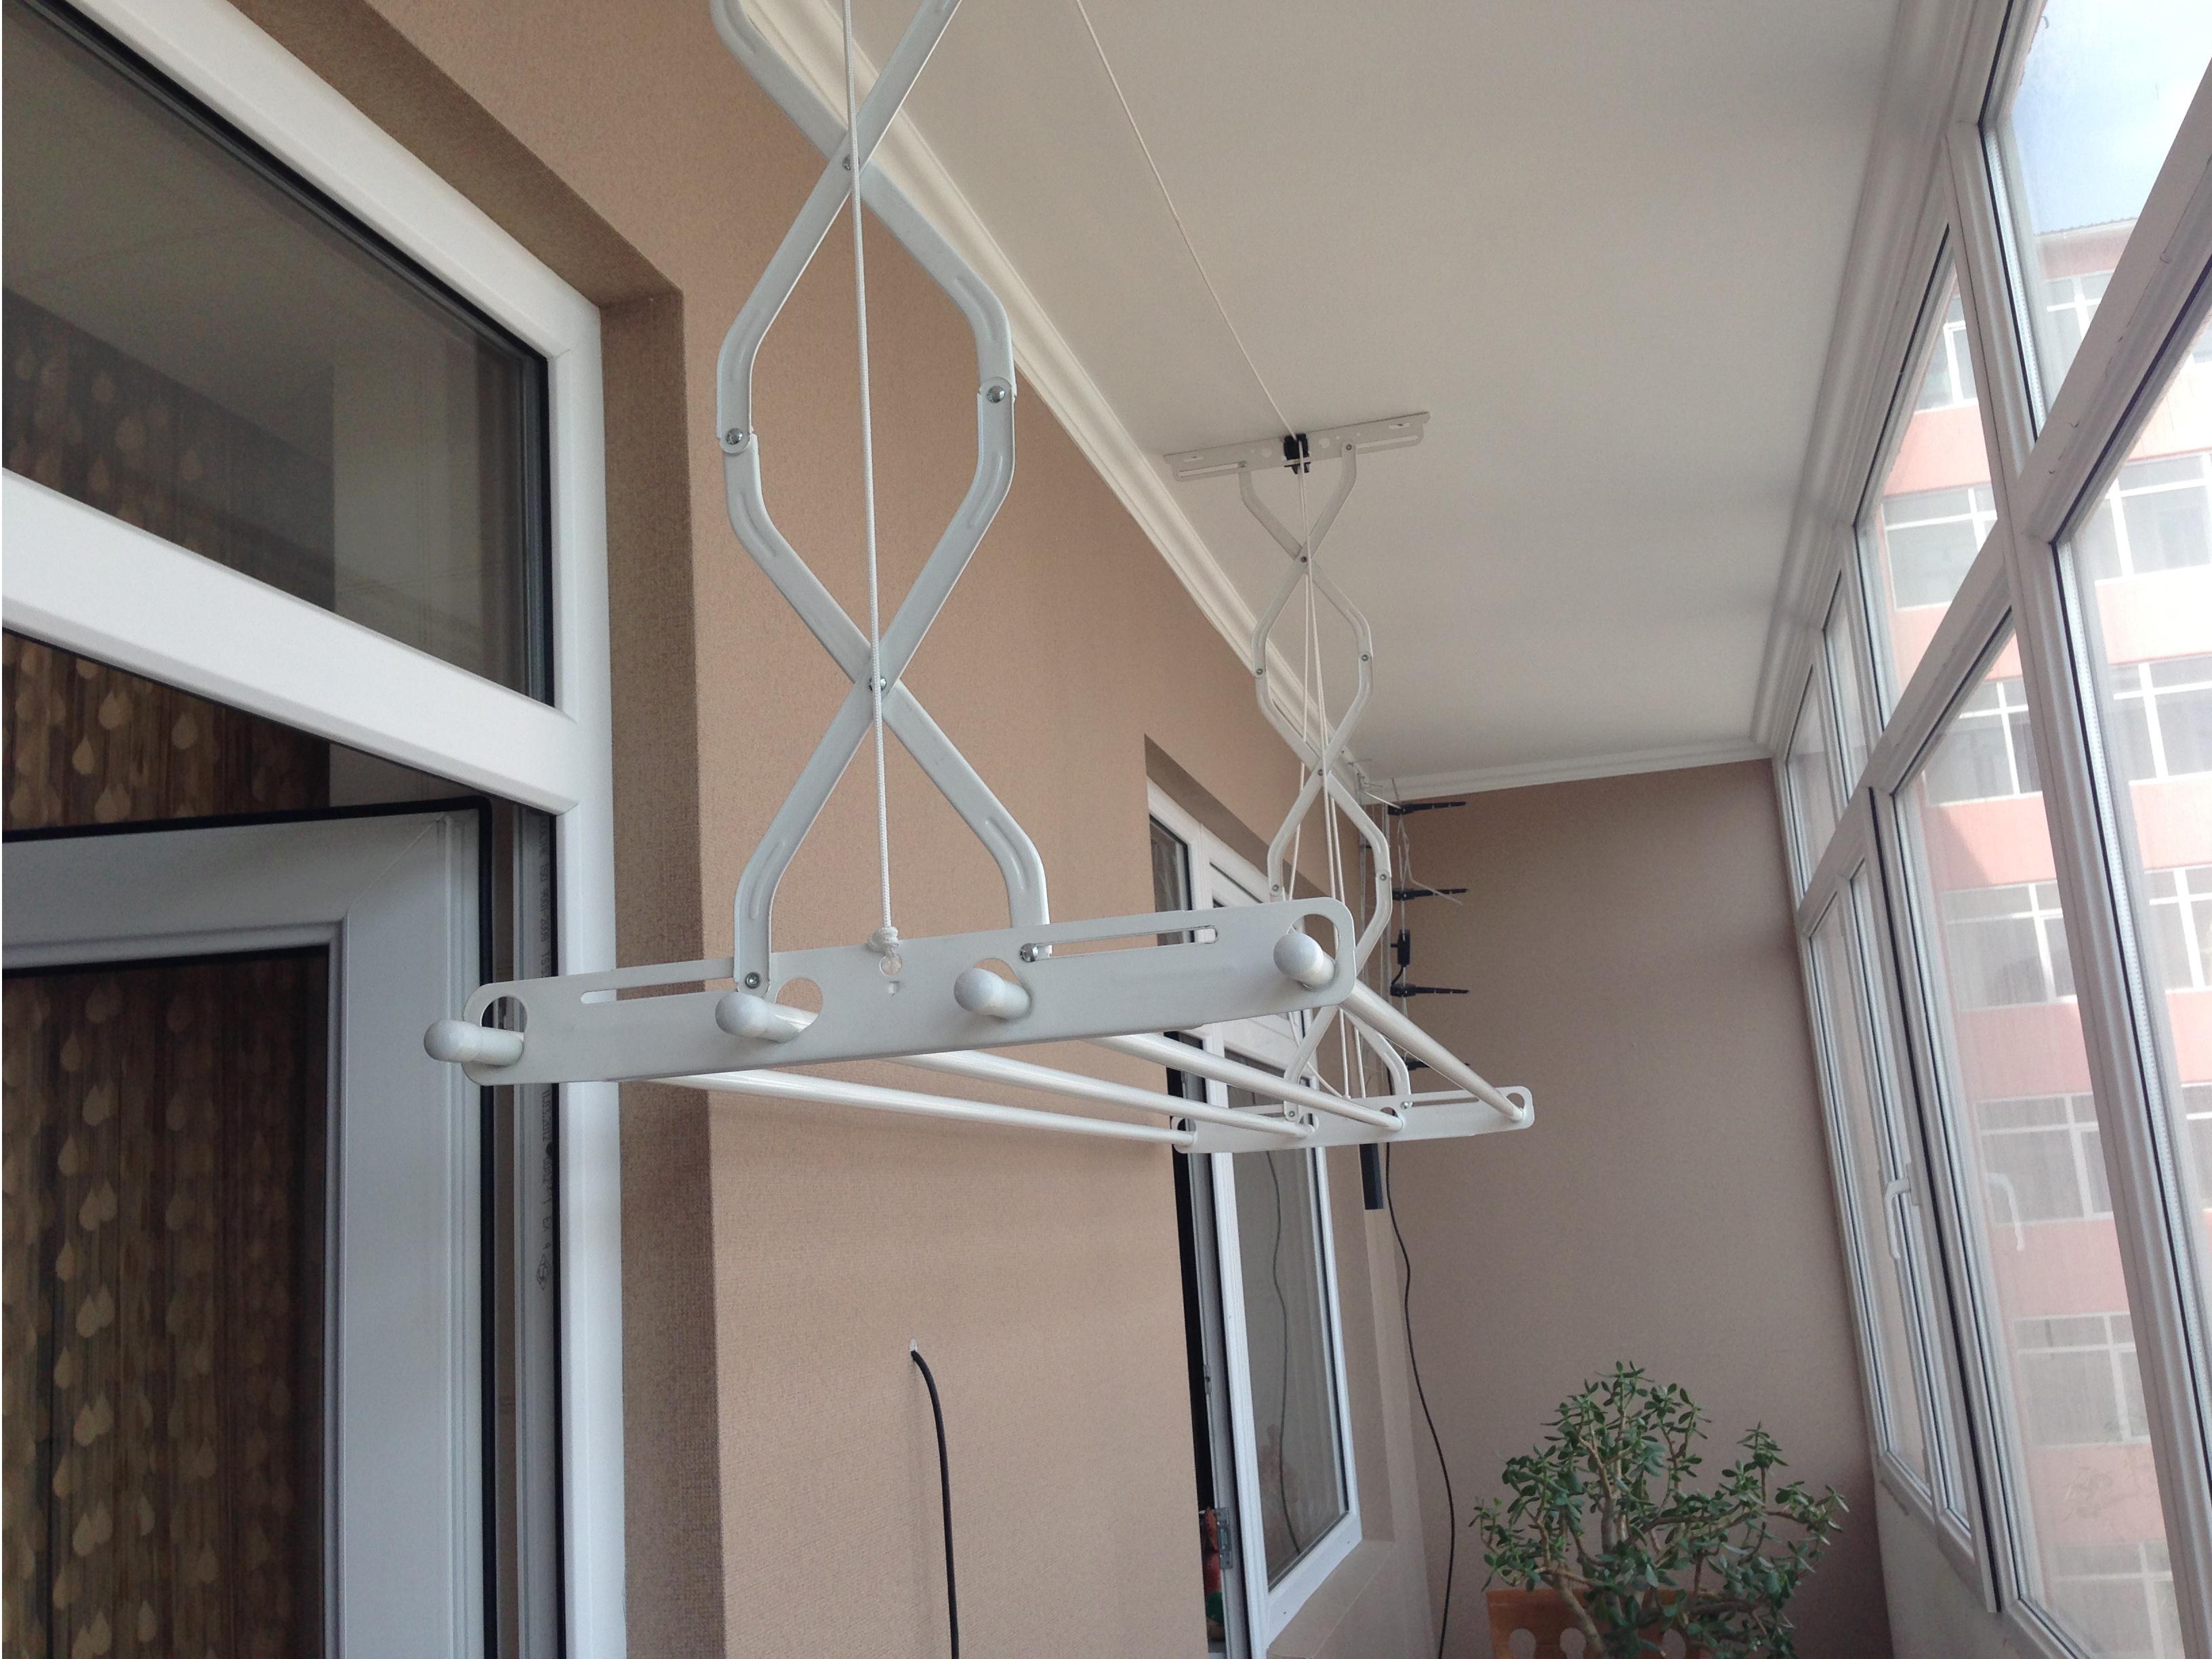 Балконный потолочная раздвижная сушилка для белья купить..